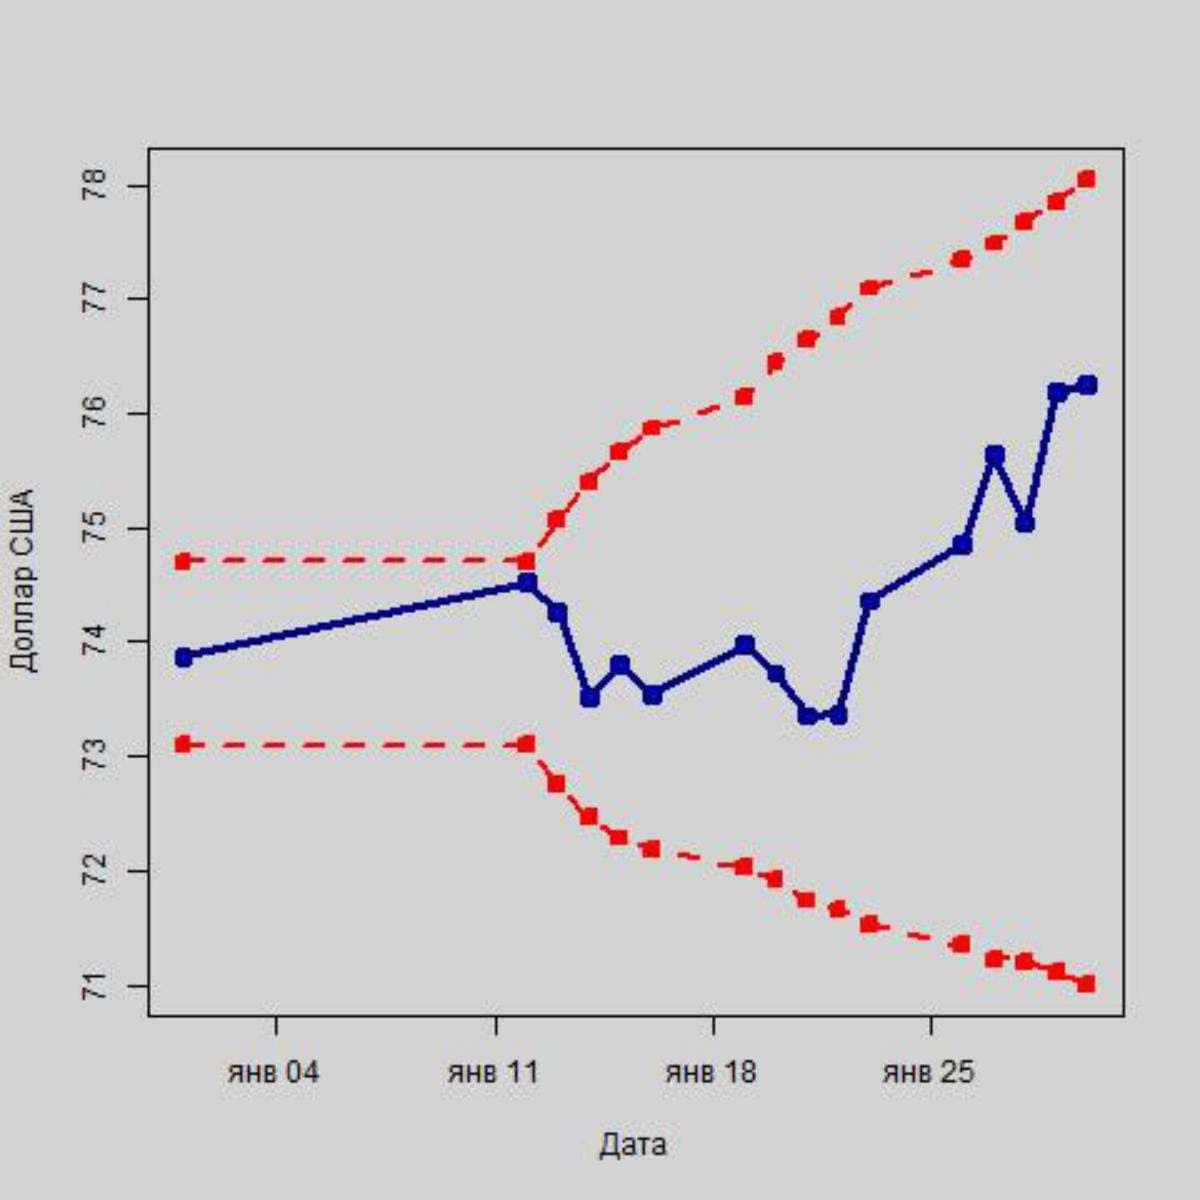 Как повлияют на российскую валюту санкции из США